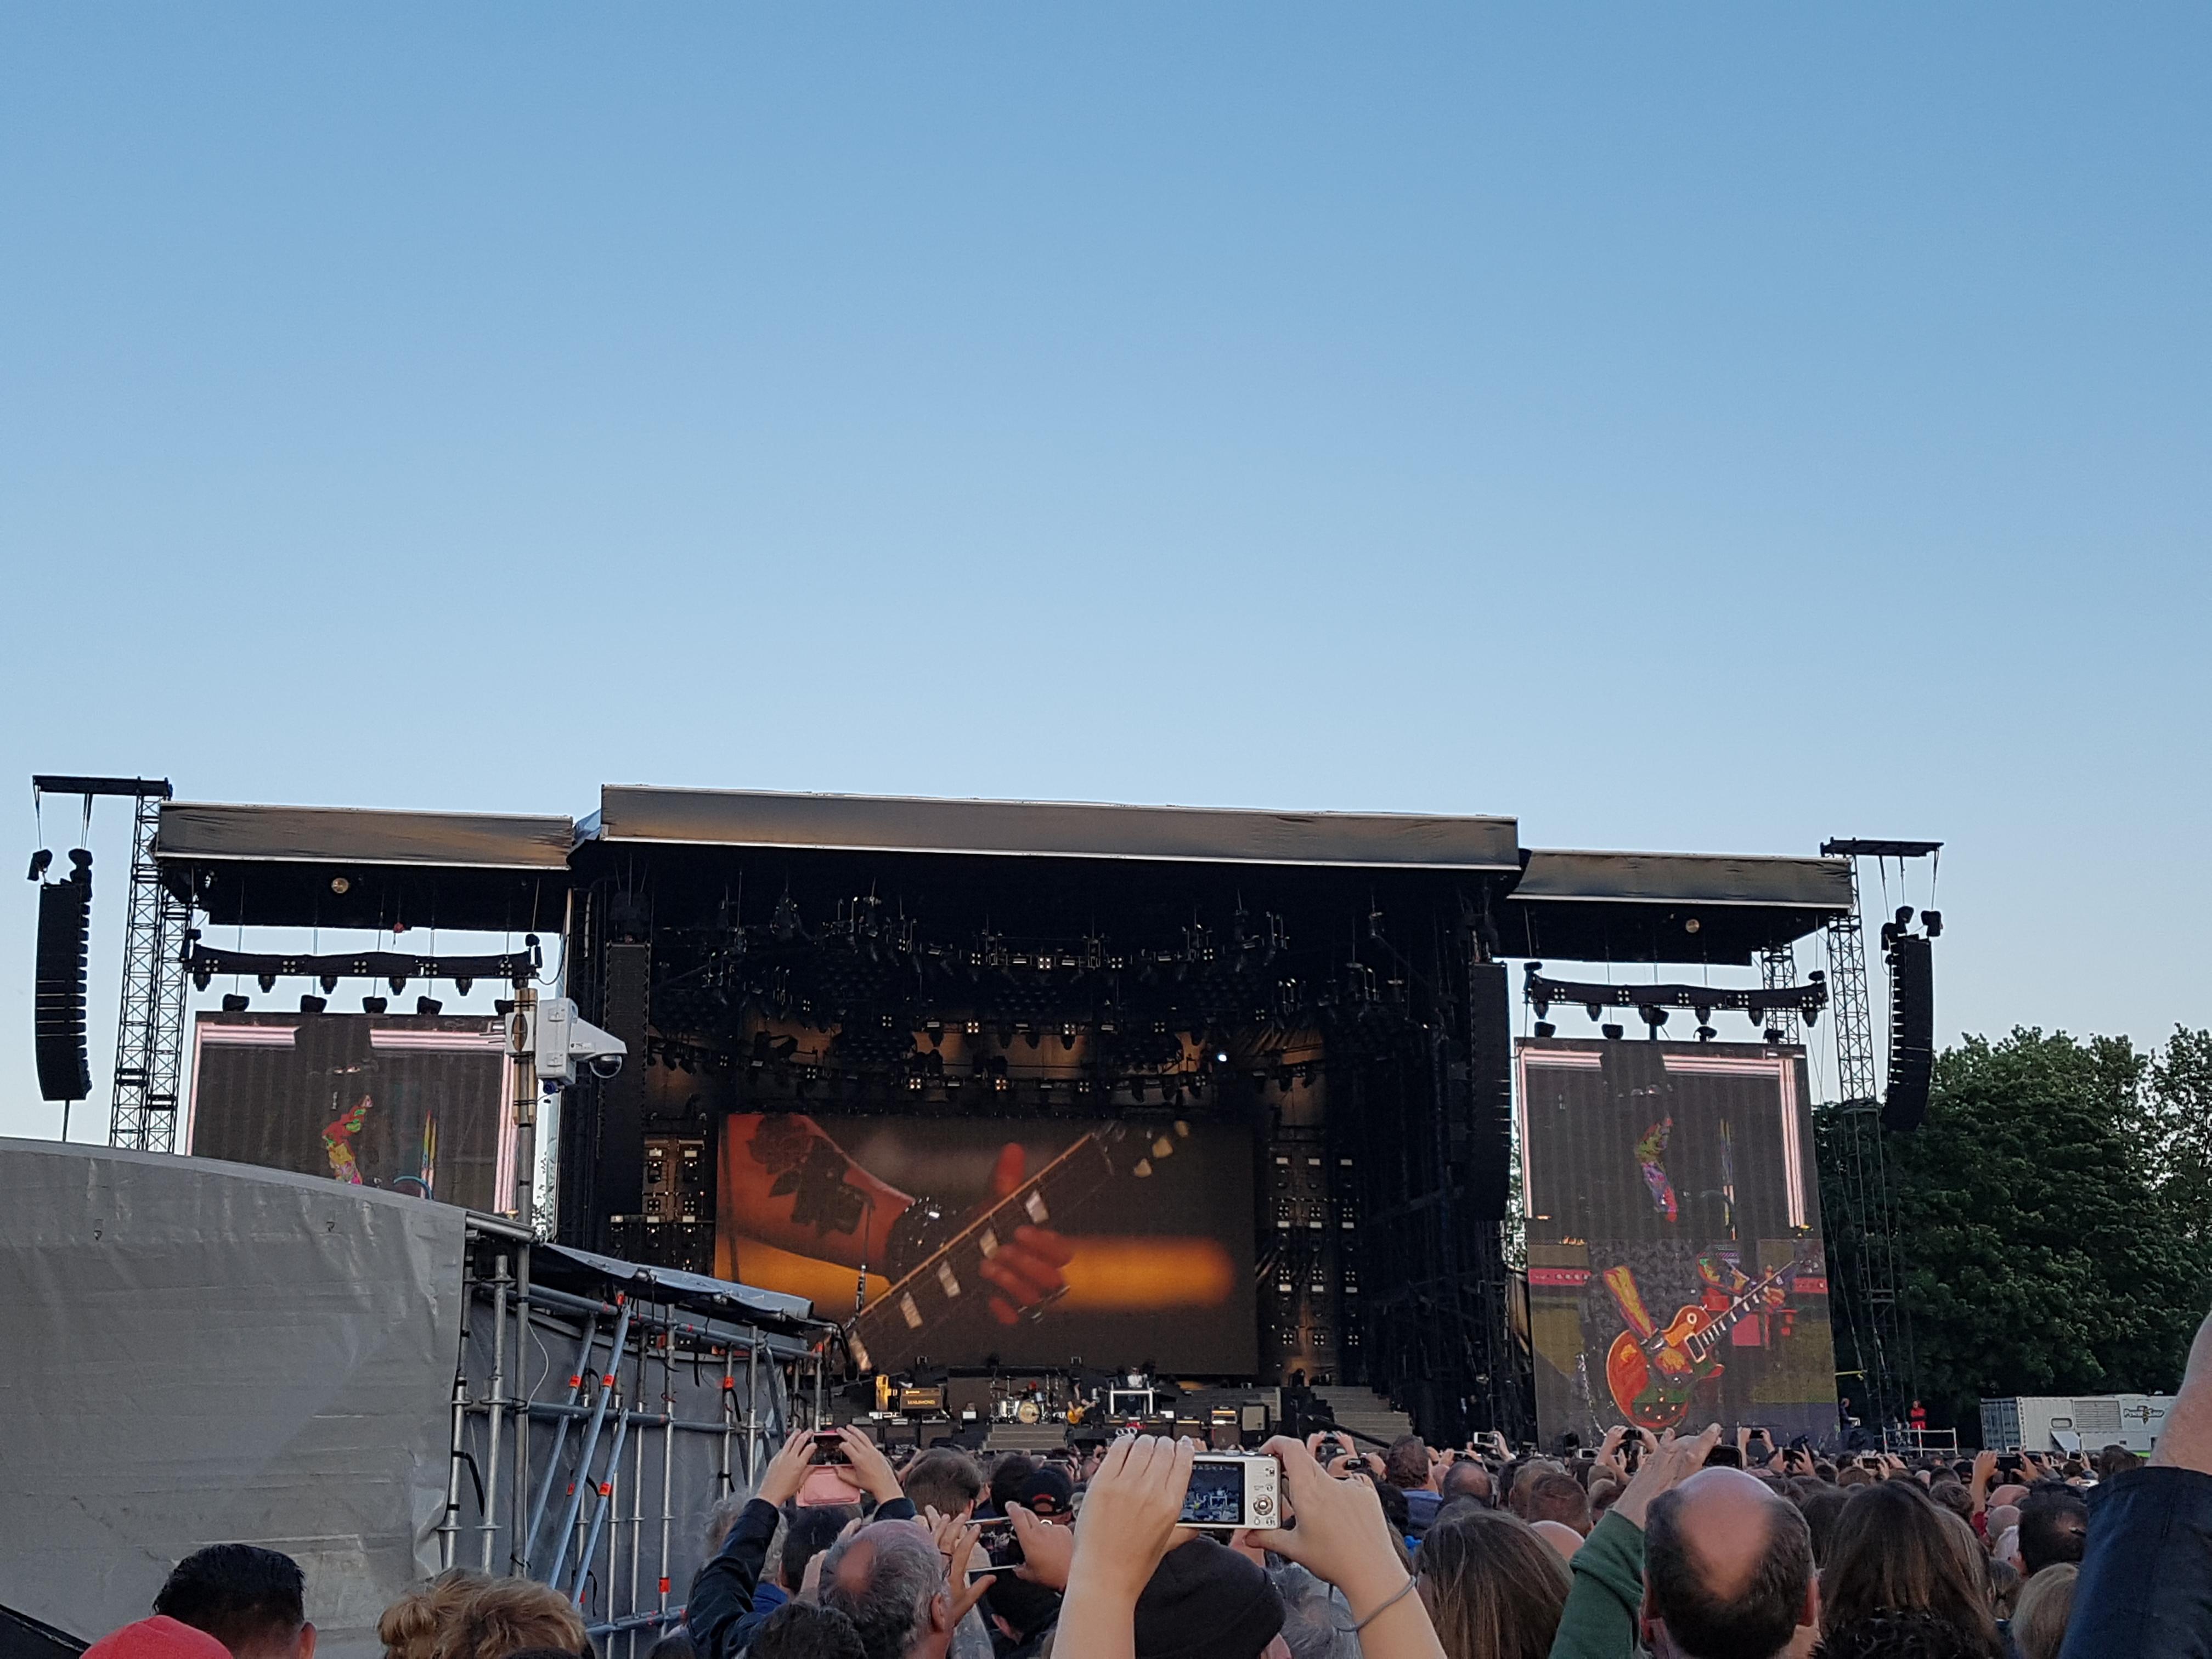 'Naar het concert van Guns N' Roses' Sebastiaan gaat deze week niet naar het concert van Guns N' Roses, maar een van zijn mama's wel. Sebastiaan gaat lekker naar Zutphen om te logeren bij zijn opa en zijn vrouw. Lees het hier! http://bit.ly/ConcertGNR